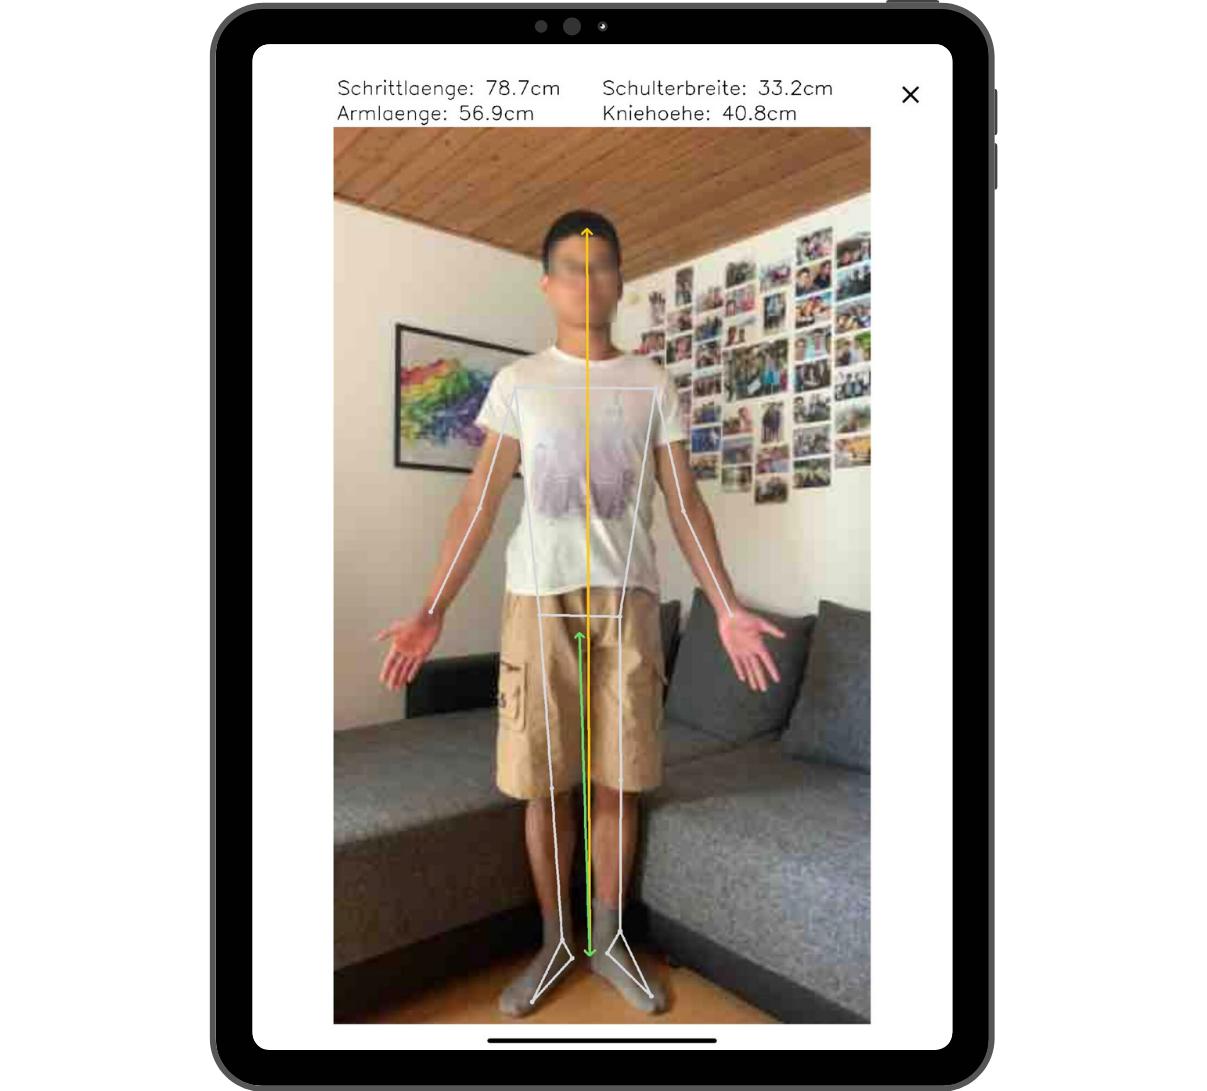 Mit der App können Händler:innen Radbegeisterte digital vermessen und automatisch zu ihnen ergonomisch passende Fahrradprodukte empfehlen.